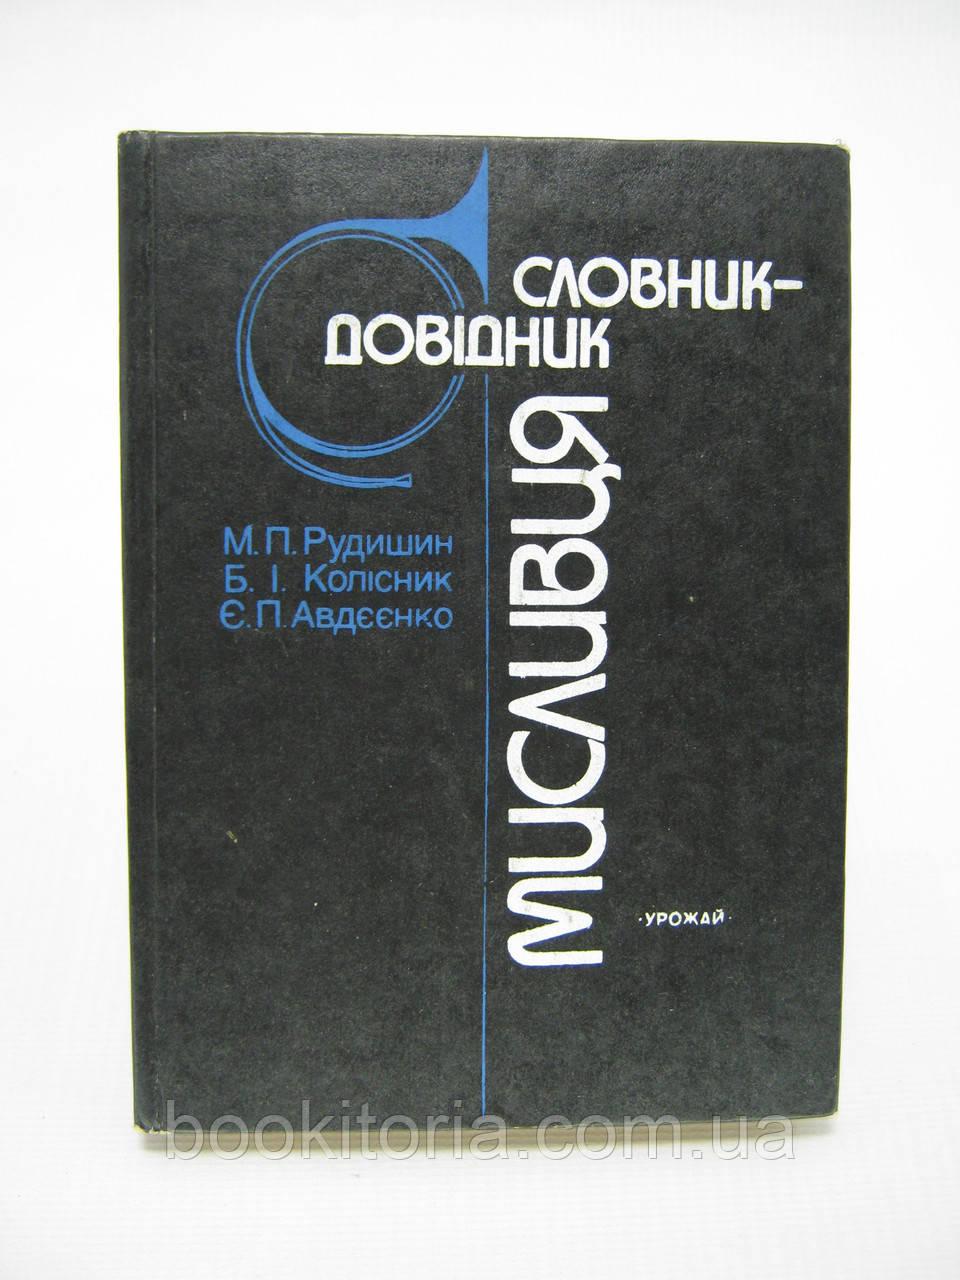 Рудишин М.П. та ін. Словник-довідник мисливця (б/у)., фото 1